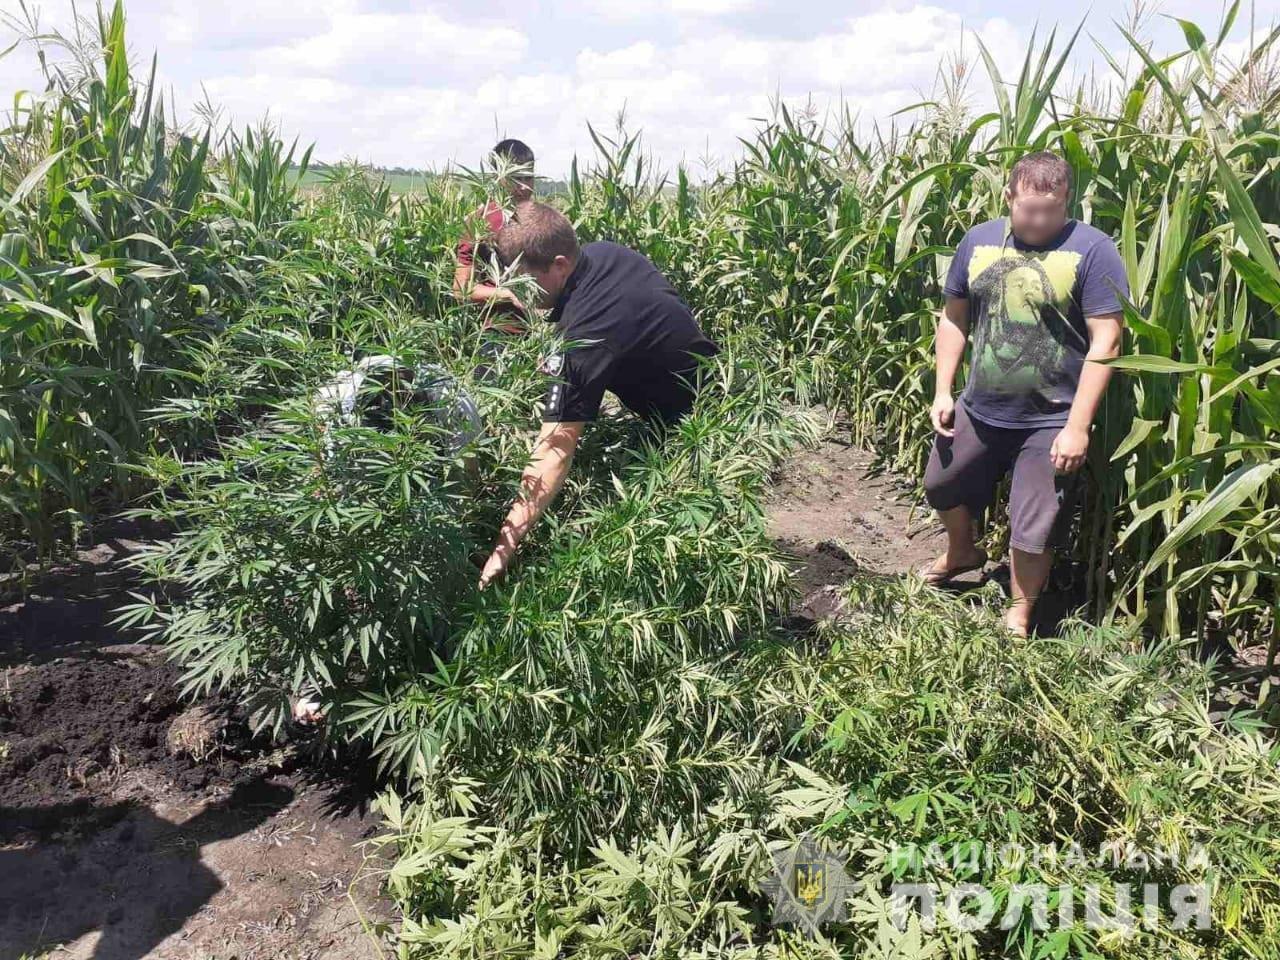 В Харьковской области полиция «накрыла» плантацию конопли, - ФОТО, фото-2